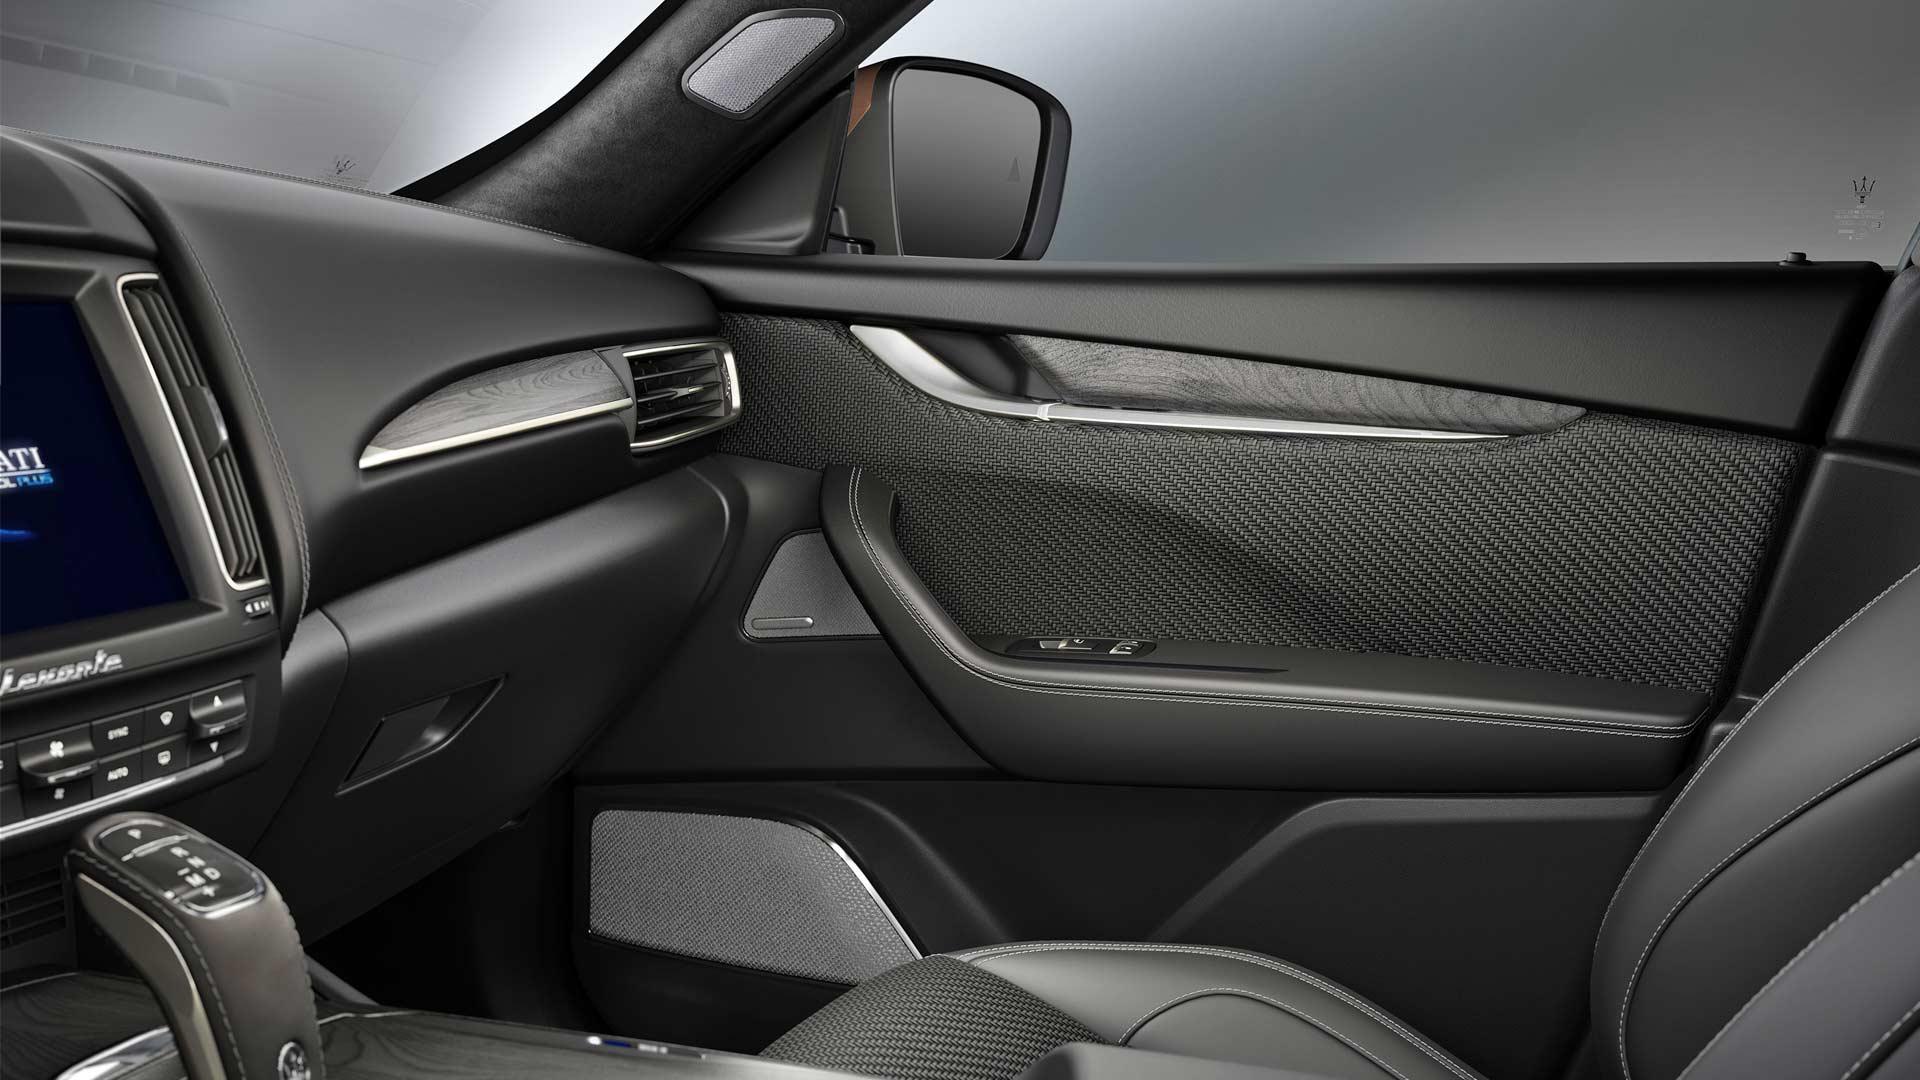 Maserati Levante S Q4 GranSport MY19 Interior customized with Zegna PELLETESSUTA_3